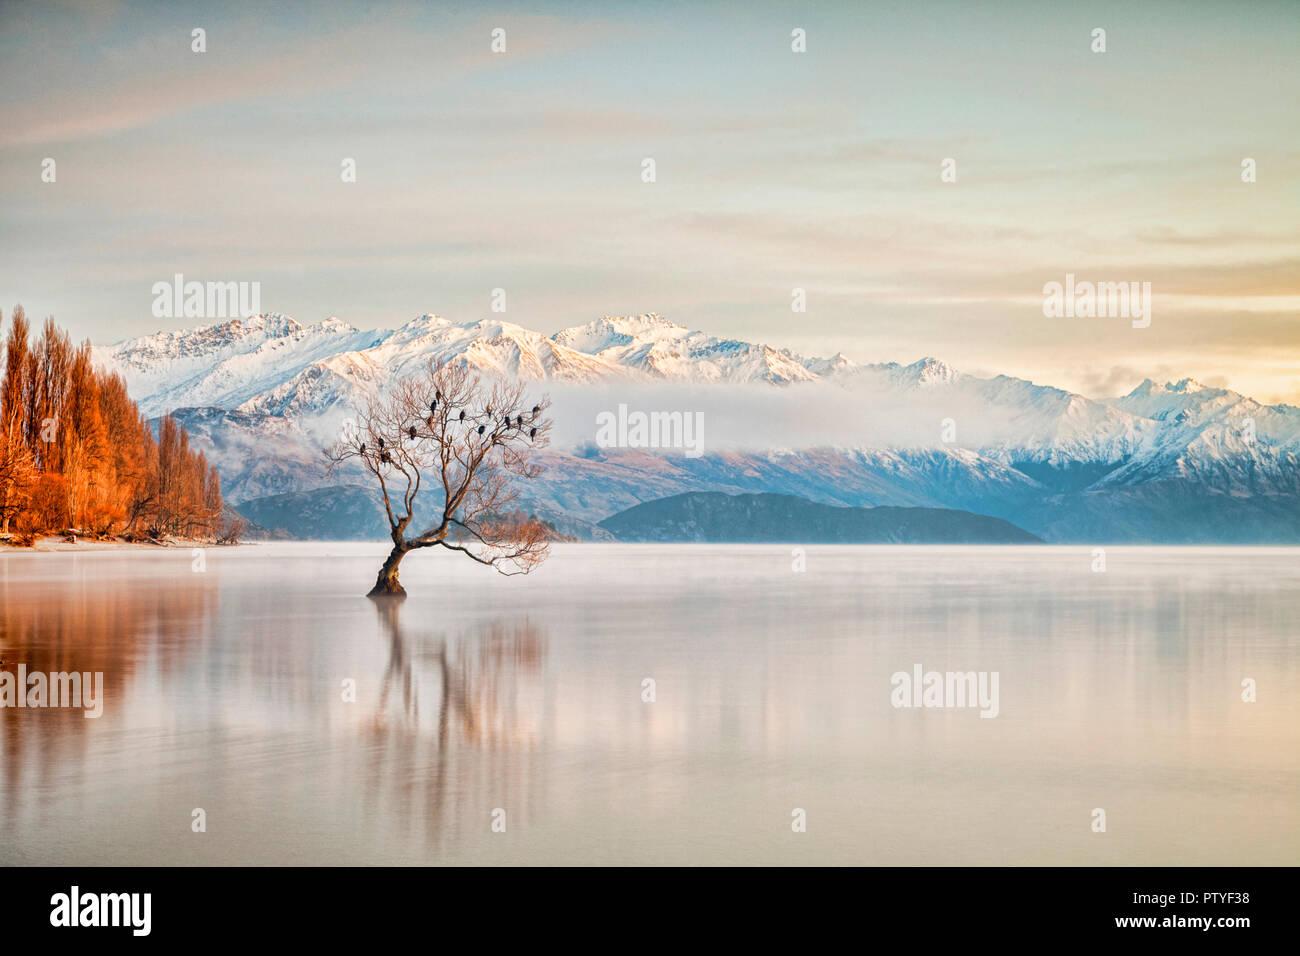 Inverno al Lago Wanaka, Otago, Nuova Zelanda, con gli uccelli sono ' appollaiati nella struttura ad albero singolo e la nebbia che salgono dal l'acqua. Immagini Stock